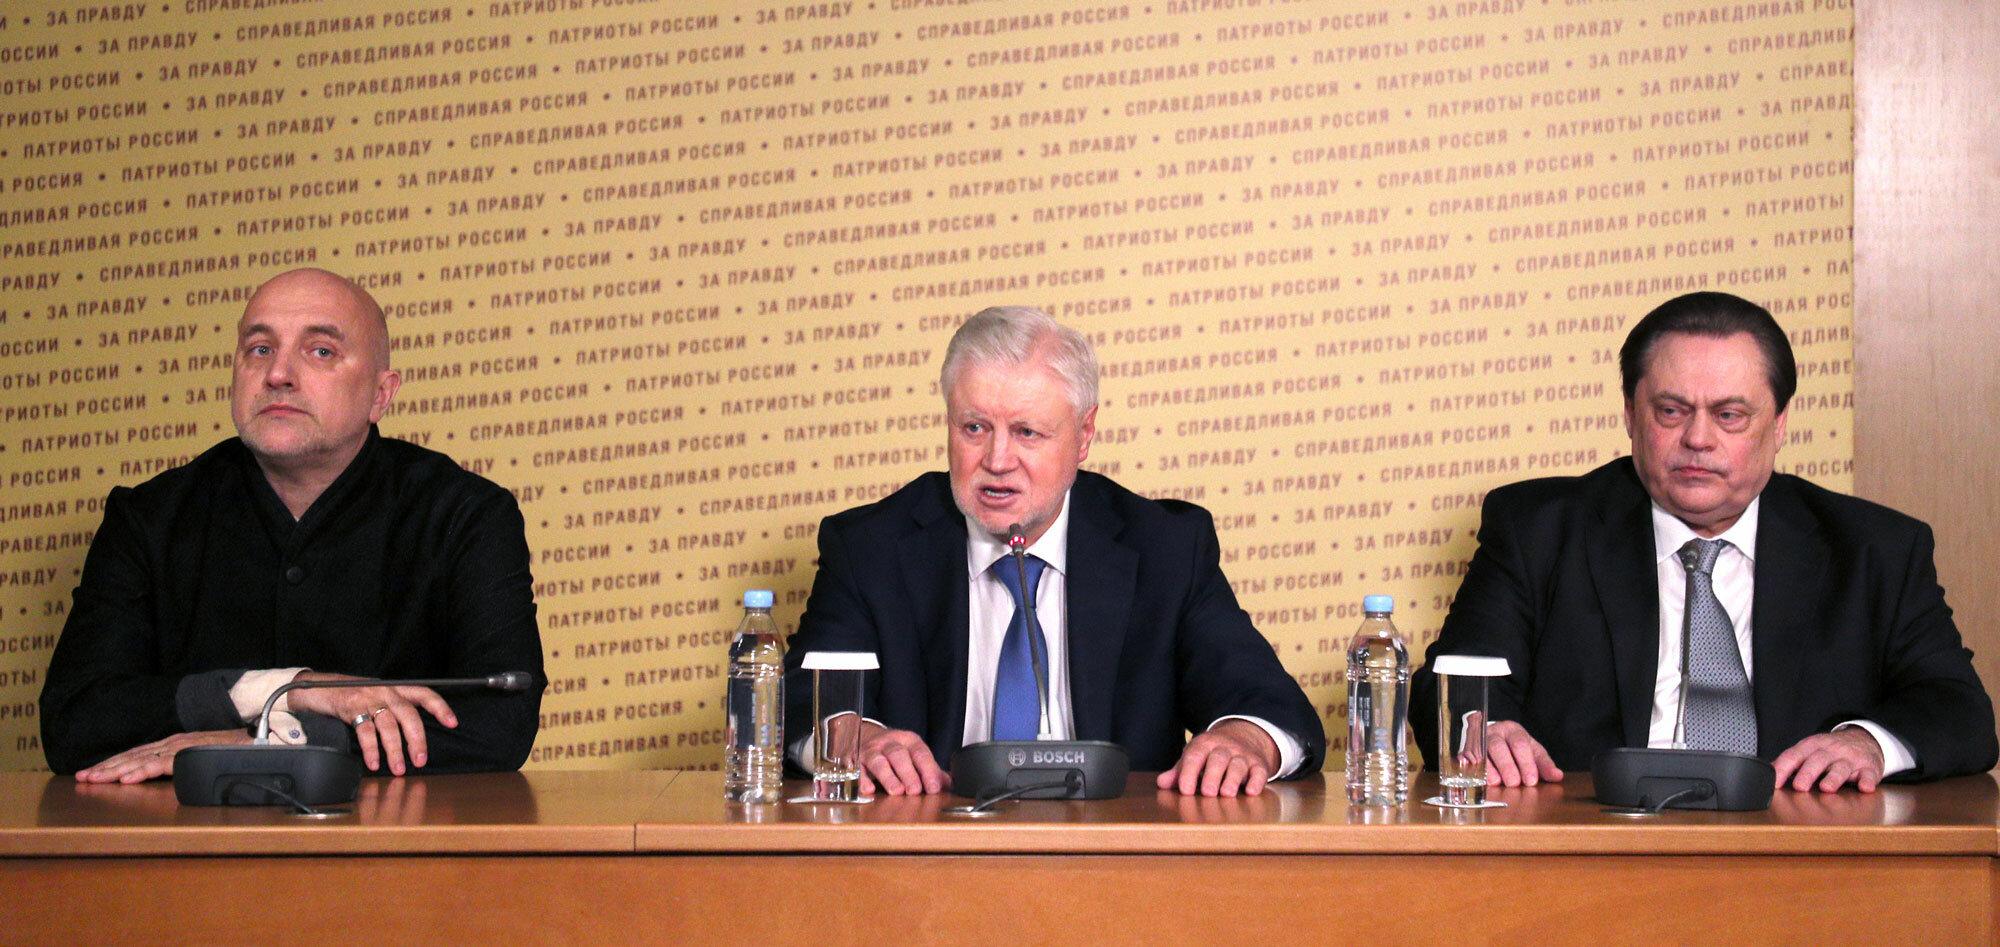 Иван Белозерцев – кандидат от блока Справедливой России?